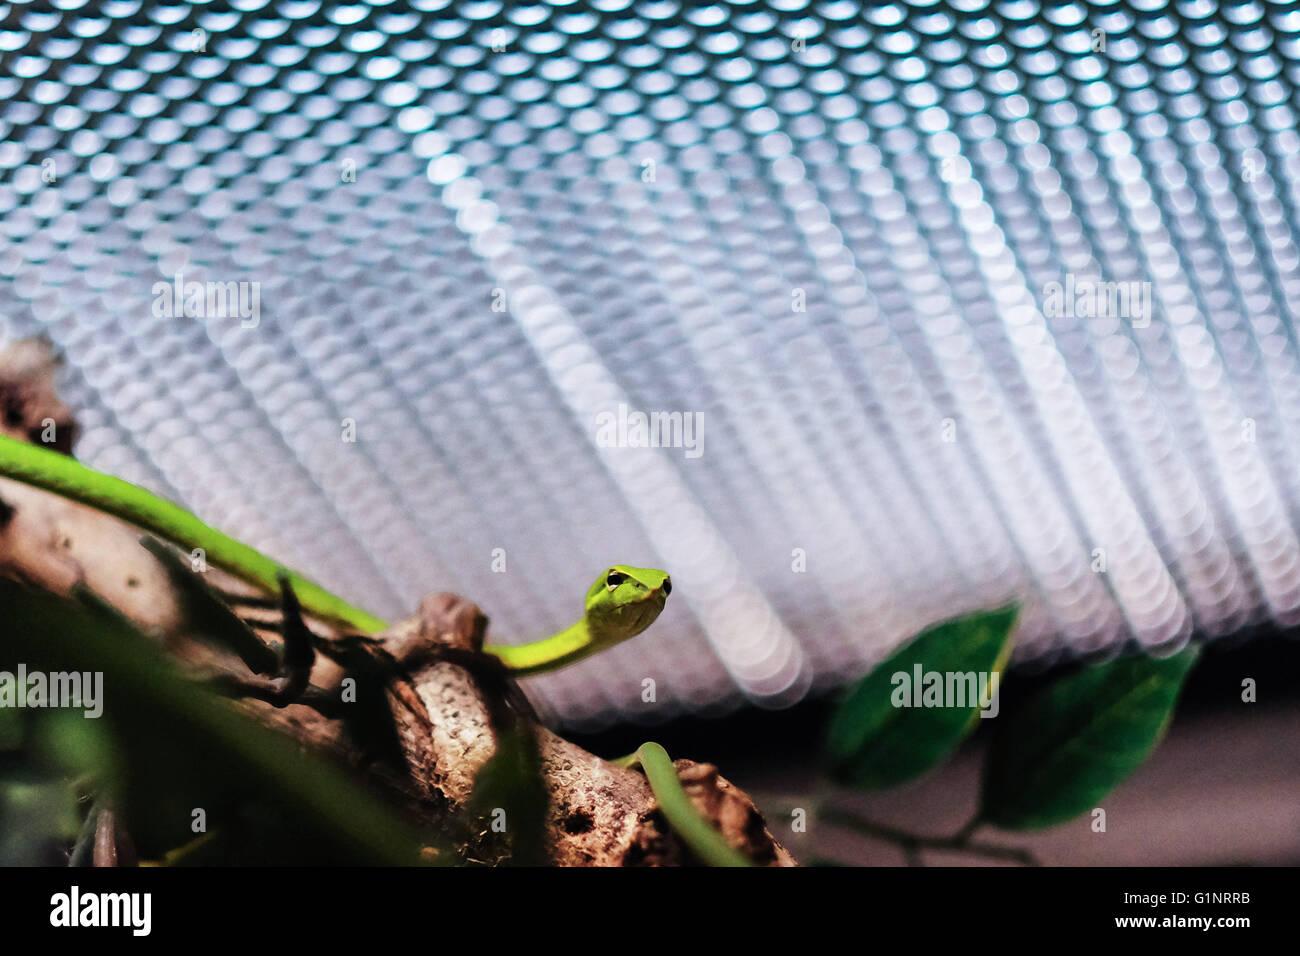 Bangkok, Thailand. 17. Mai 2016. Langnasen-Peitsche Schlange ist Königin Saovabha Memorial Institute Schlange Museum in Bangkok, Thailand, 17. Mai 2016 gesehen. 1922 gegründet, ist die Königin Saovabha Memorial Institute eine wichtige Forschungseinrichtung in Thailand, die spezialisiert auf Tollwut und tierische Toxine. Im Museum des Instituts in Schlange werden Besucher sehen, Dutzende von giftige und nicht giftige Schlange Rassen sowie Notfallbehandlungen für Schlangenbisse zu lernen. © Li Mangmang/Xinhua/Alamy Live-Nachrichten Stockfoto